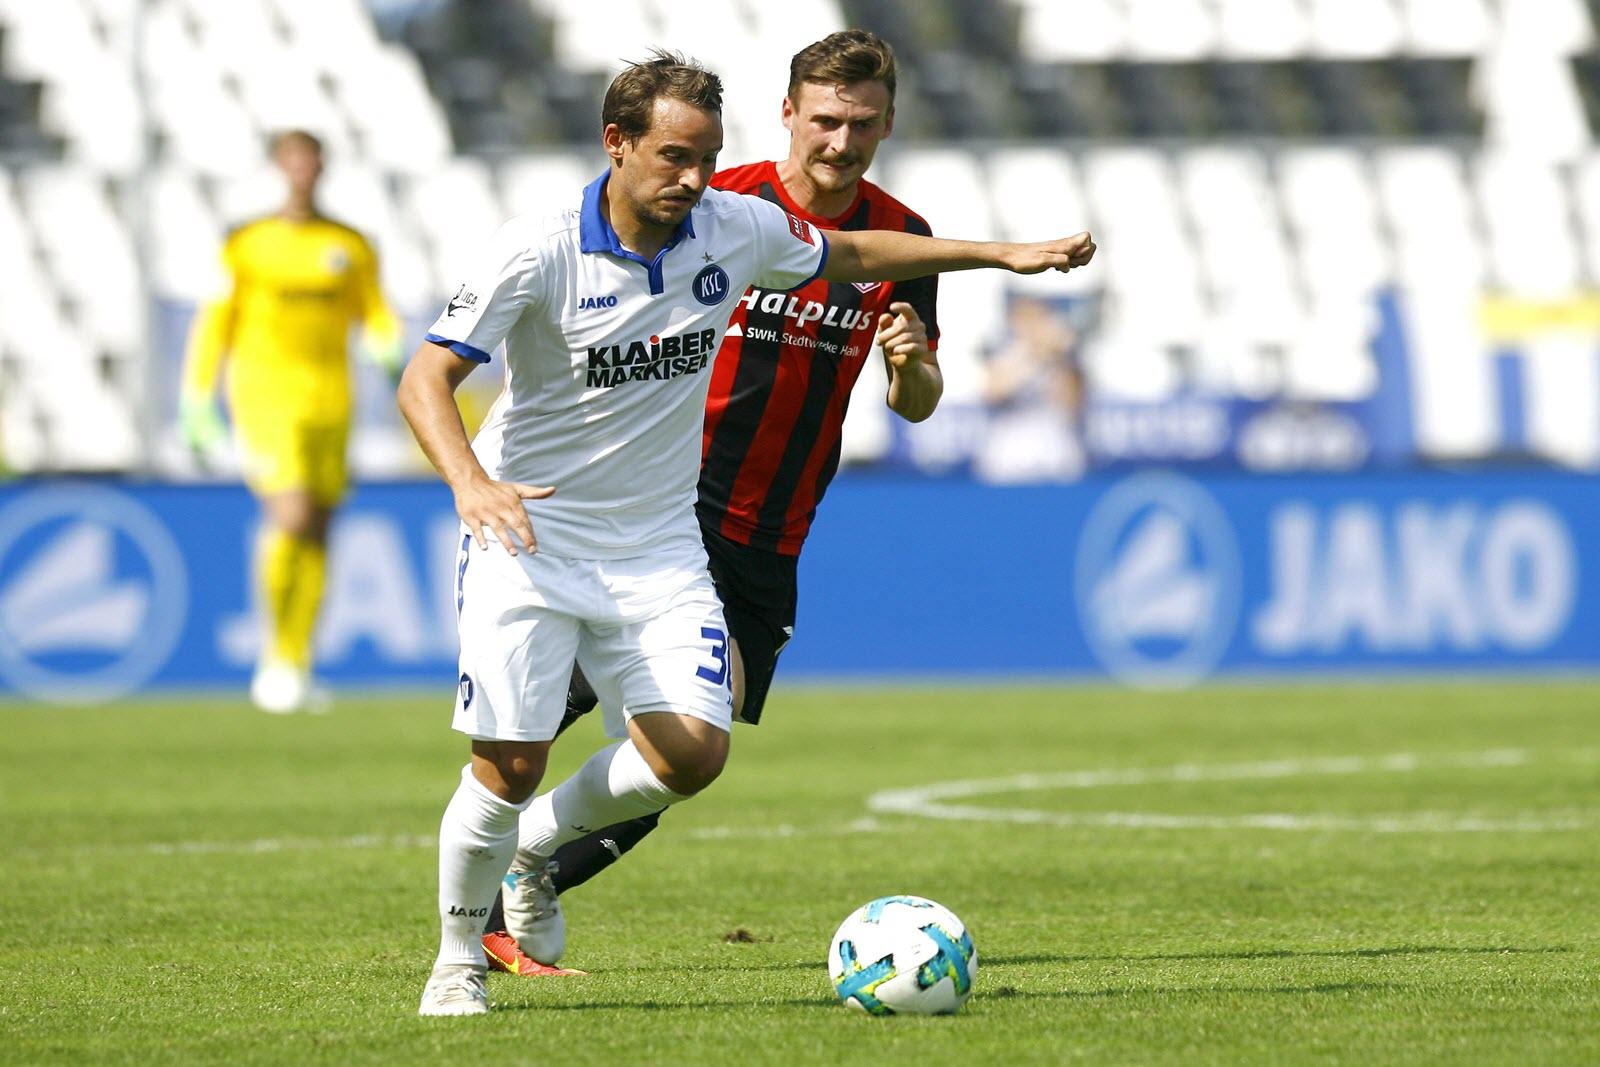 Anton Fink vom Karlsruher SC